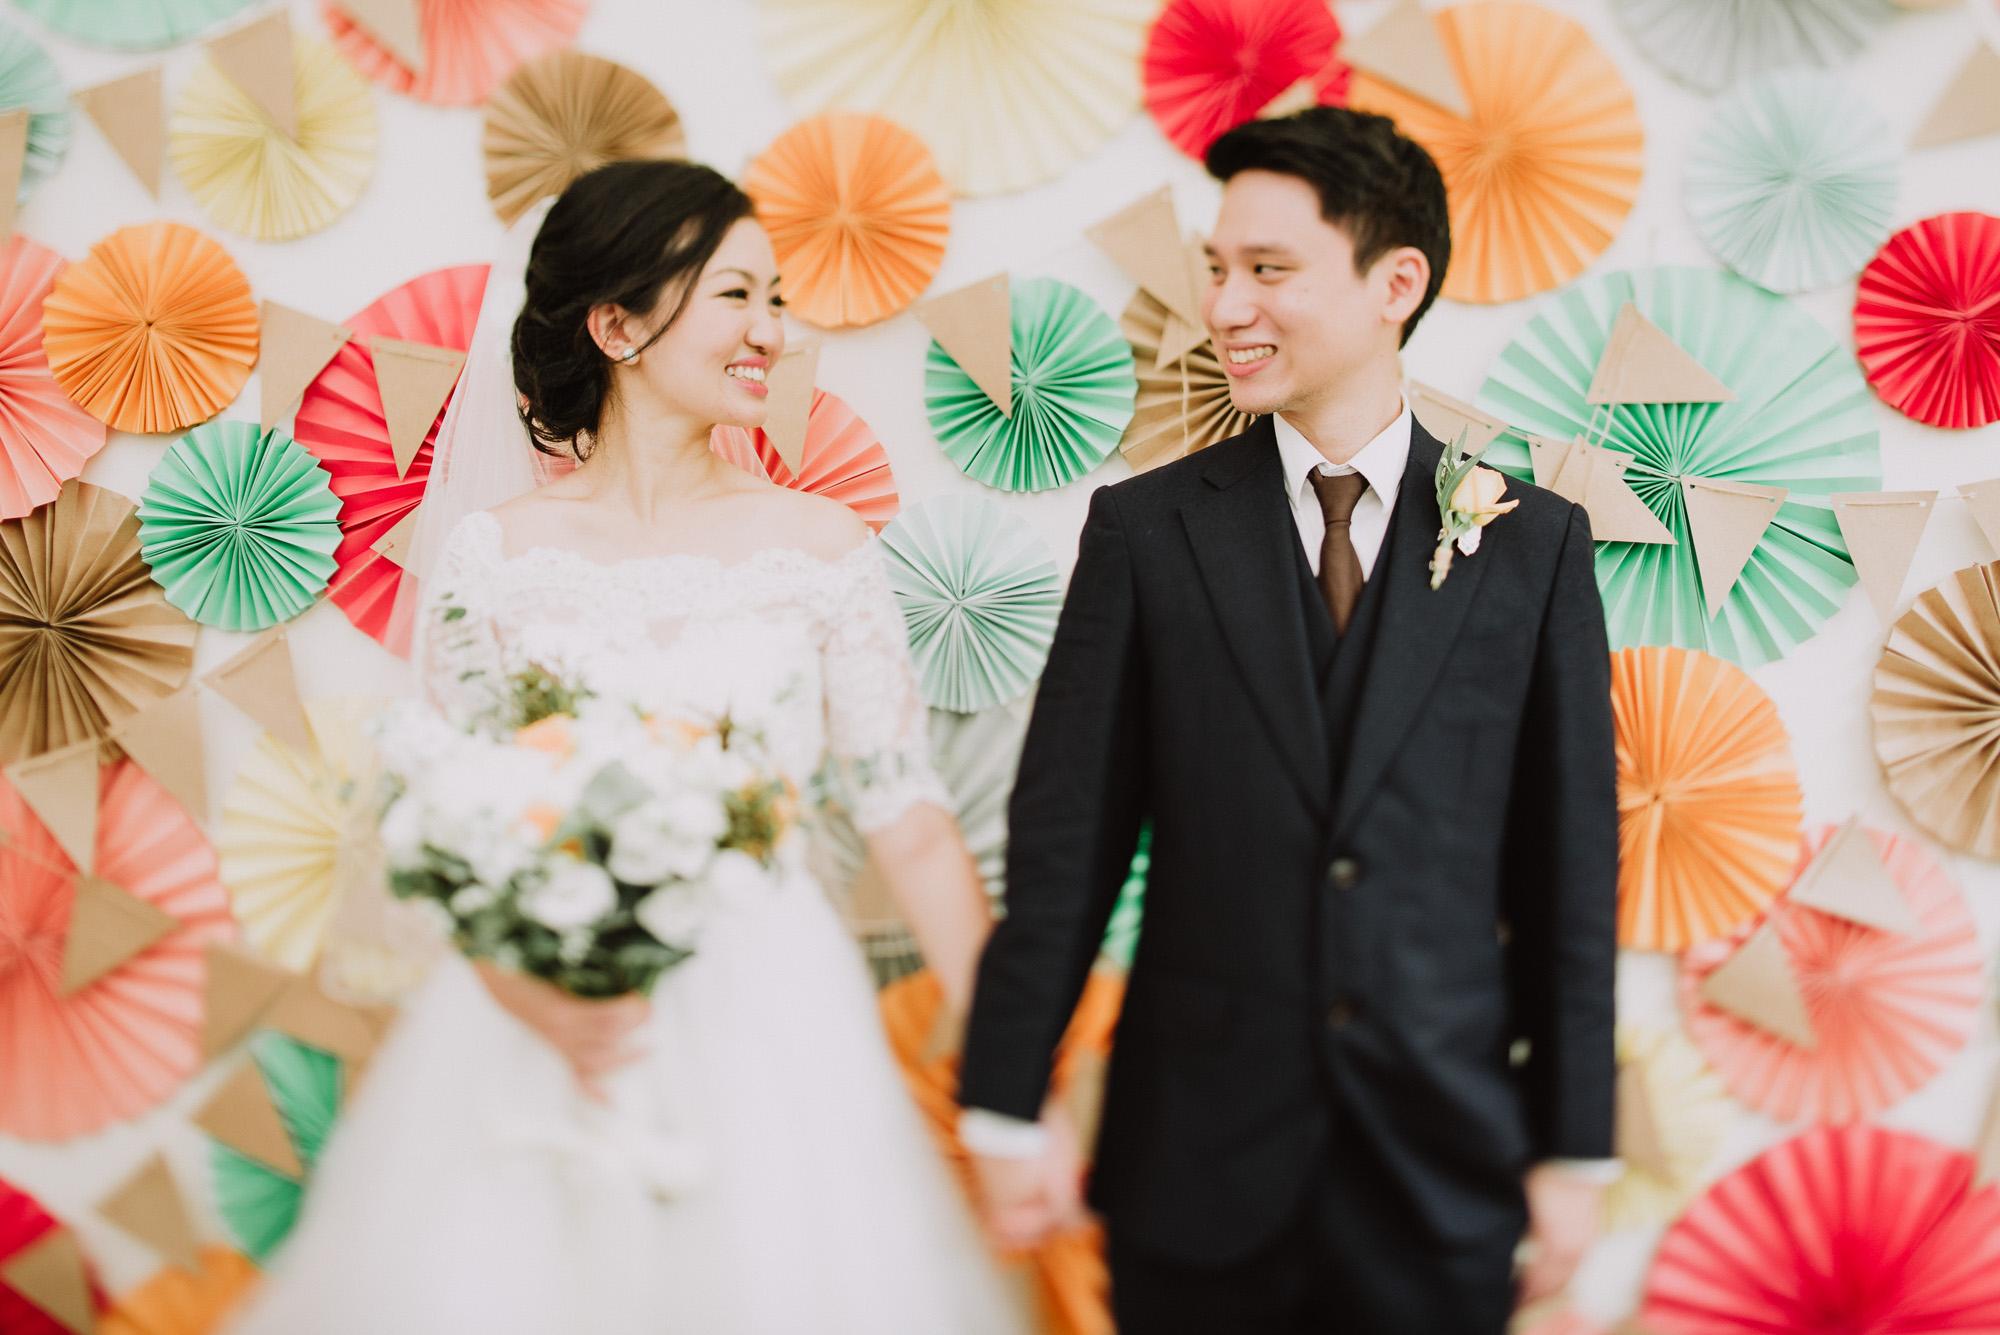 Singapore-wedding-photography-129